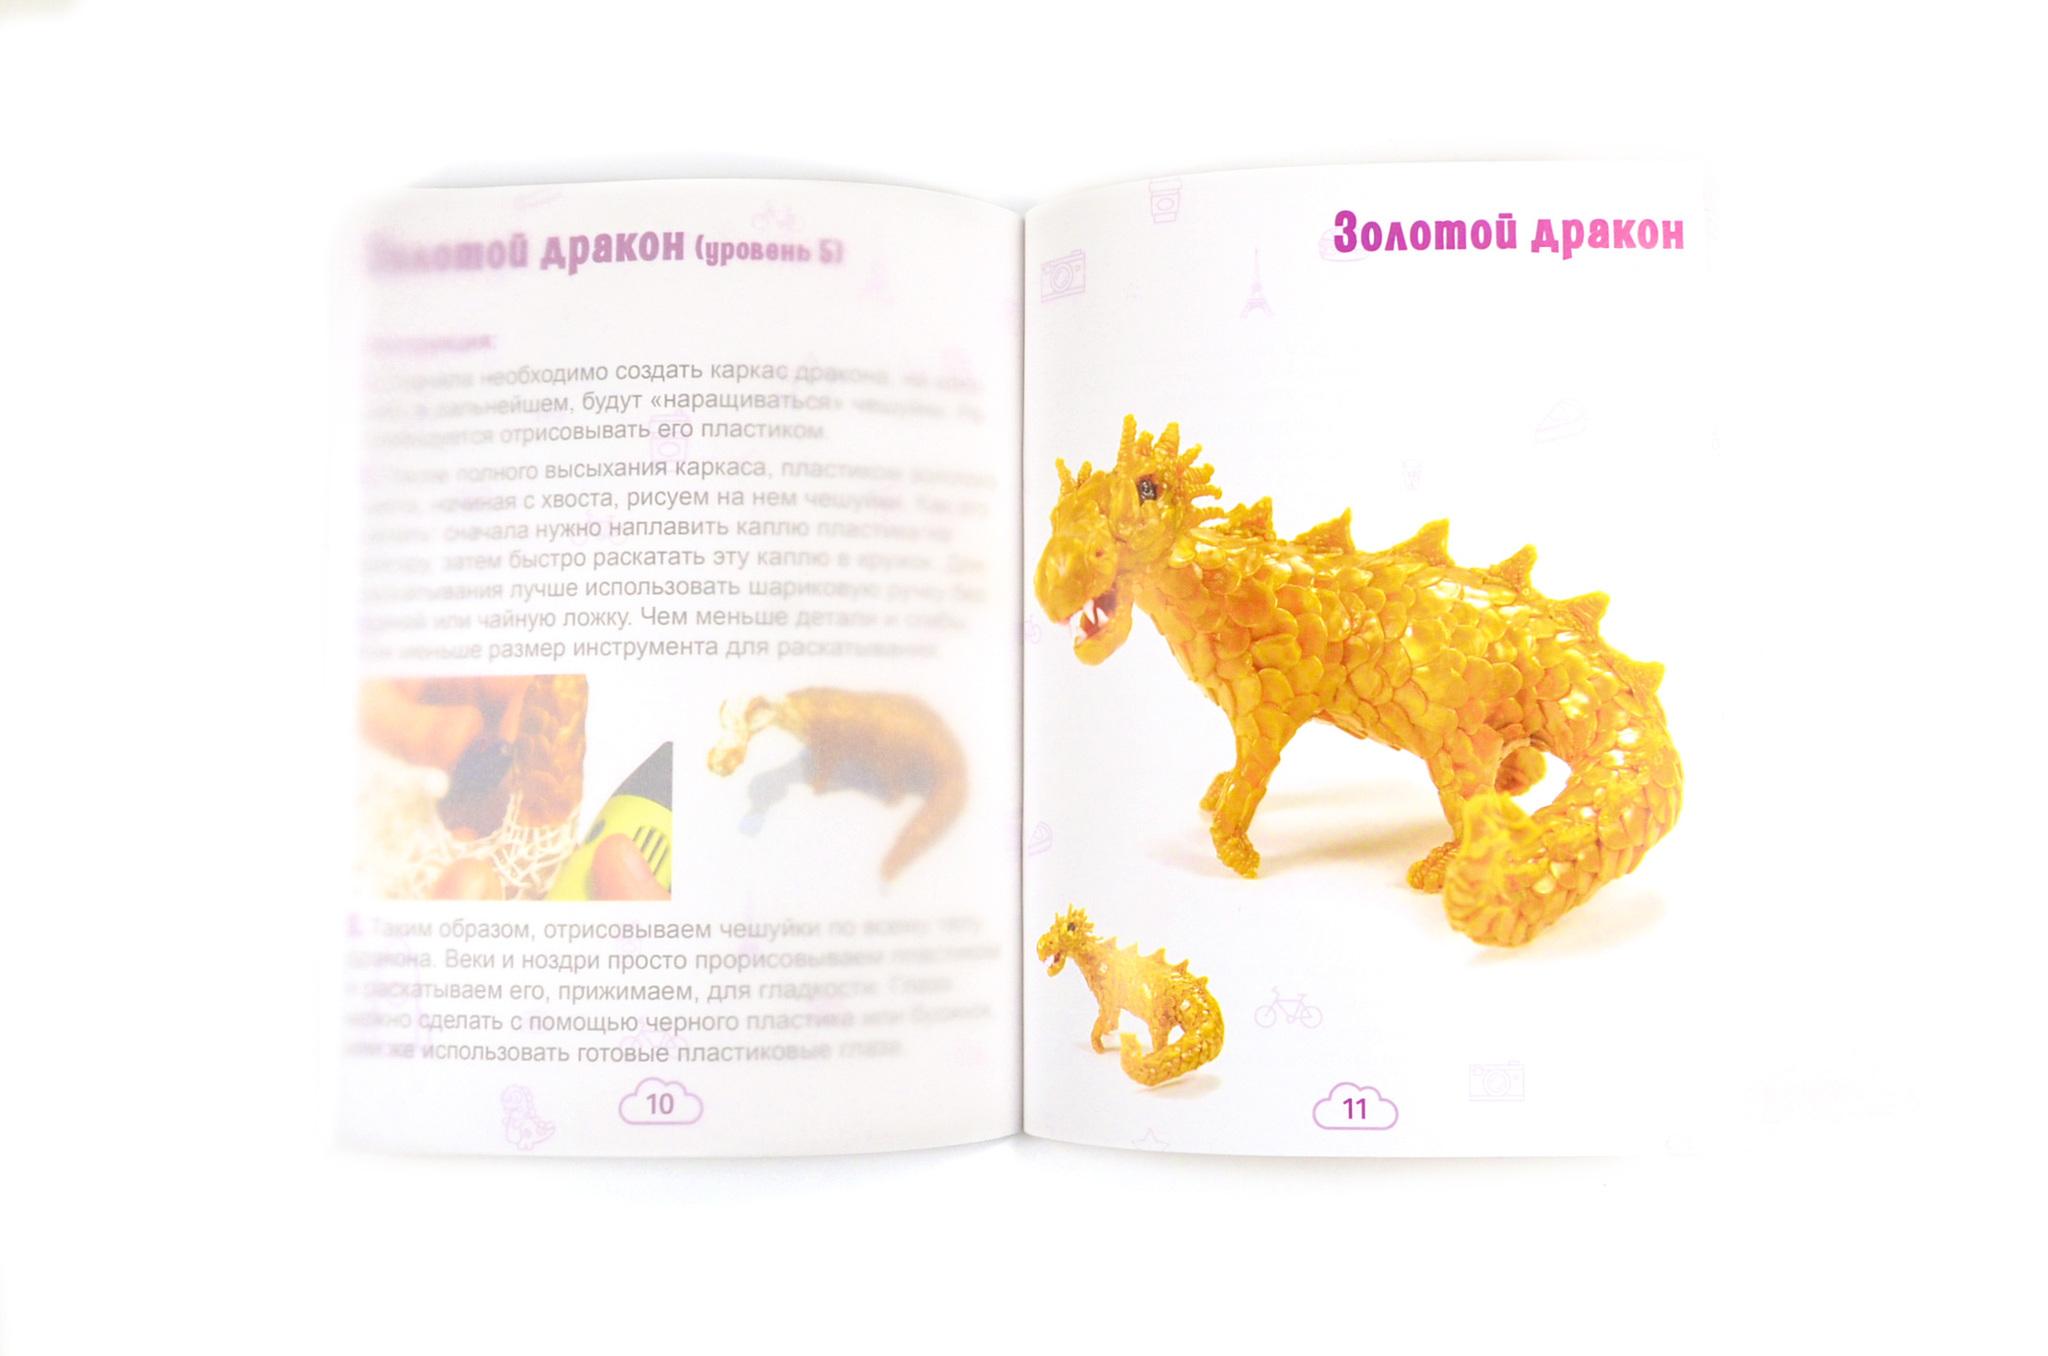 Книга трафаретов для 3Динга (ТриДинга). Выпуск №1